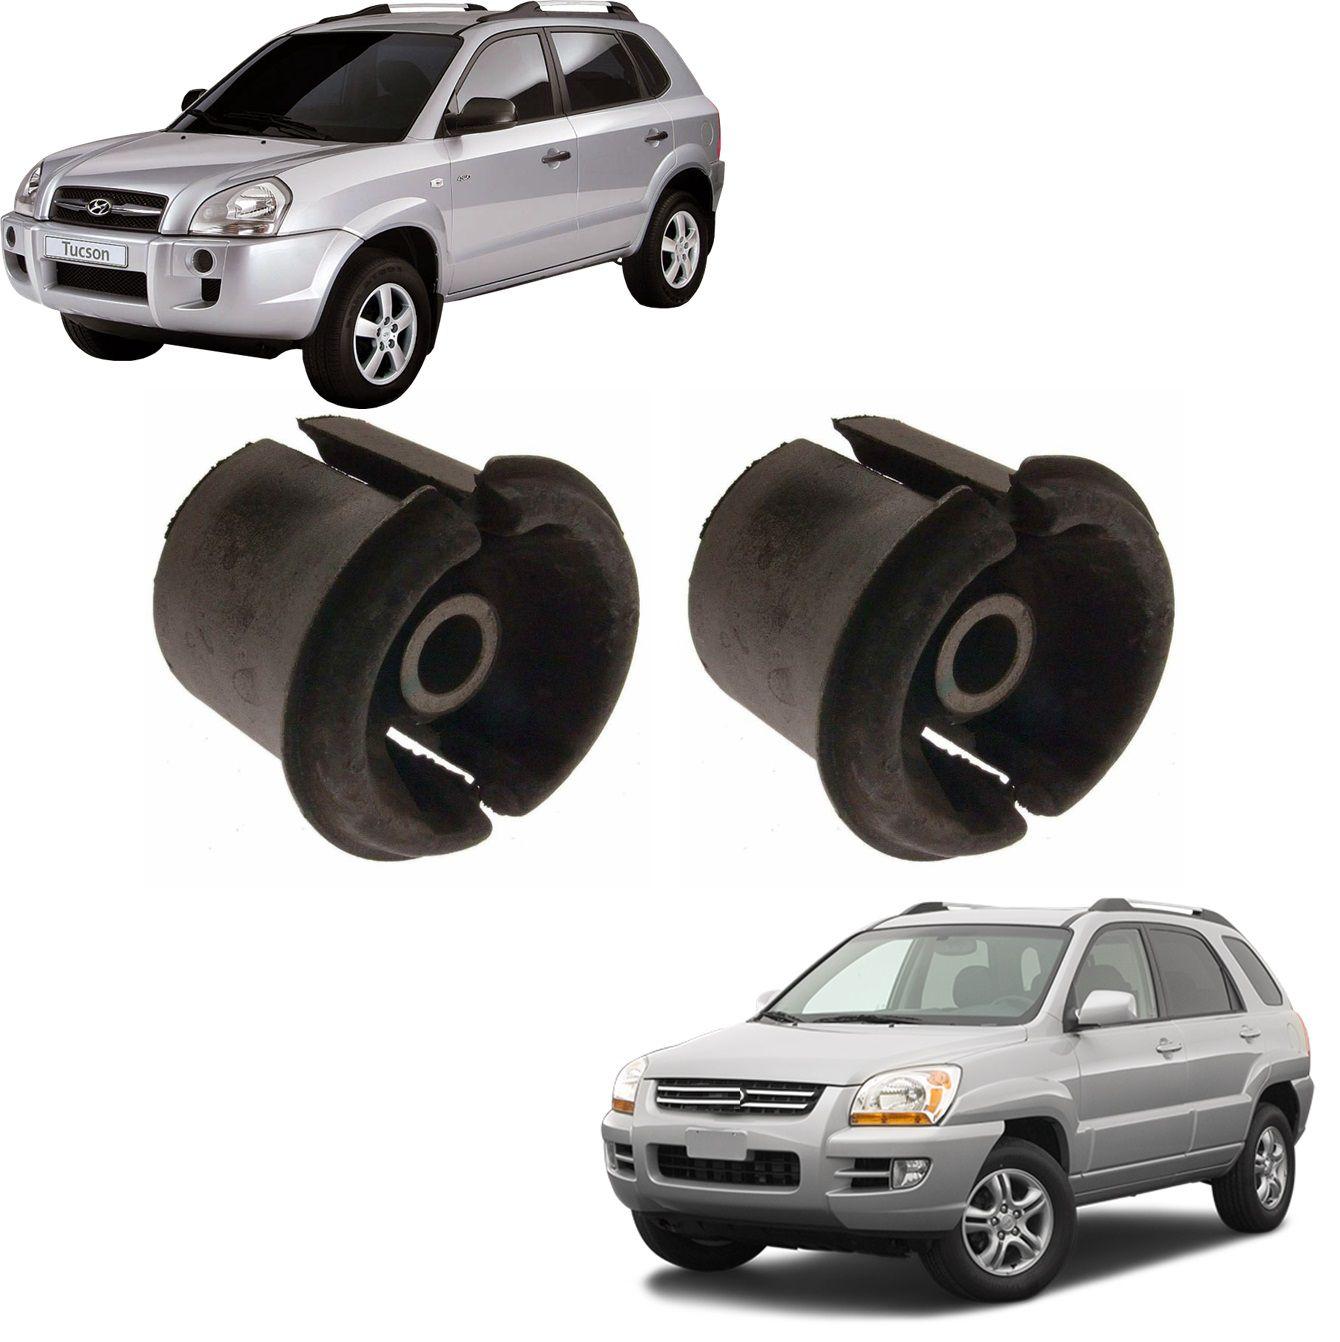 Kit Bucha Dianteira Quadro Traseiro Tucson 4WD 2005 2006 2007 2008 2009 2010 2011 2012 2013 2014 2015 2016 2017